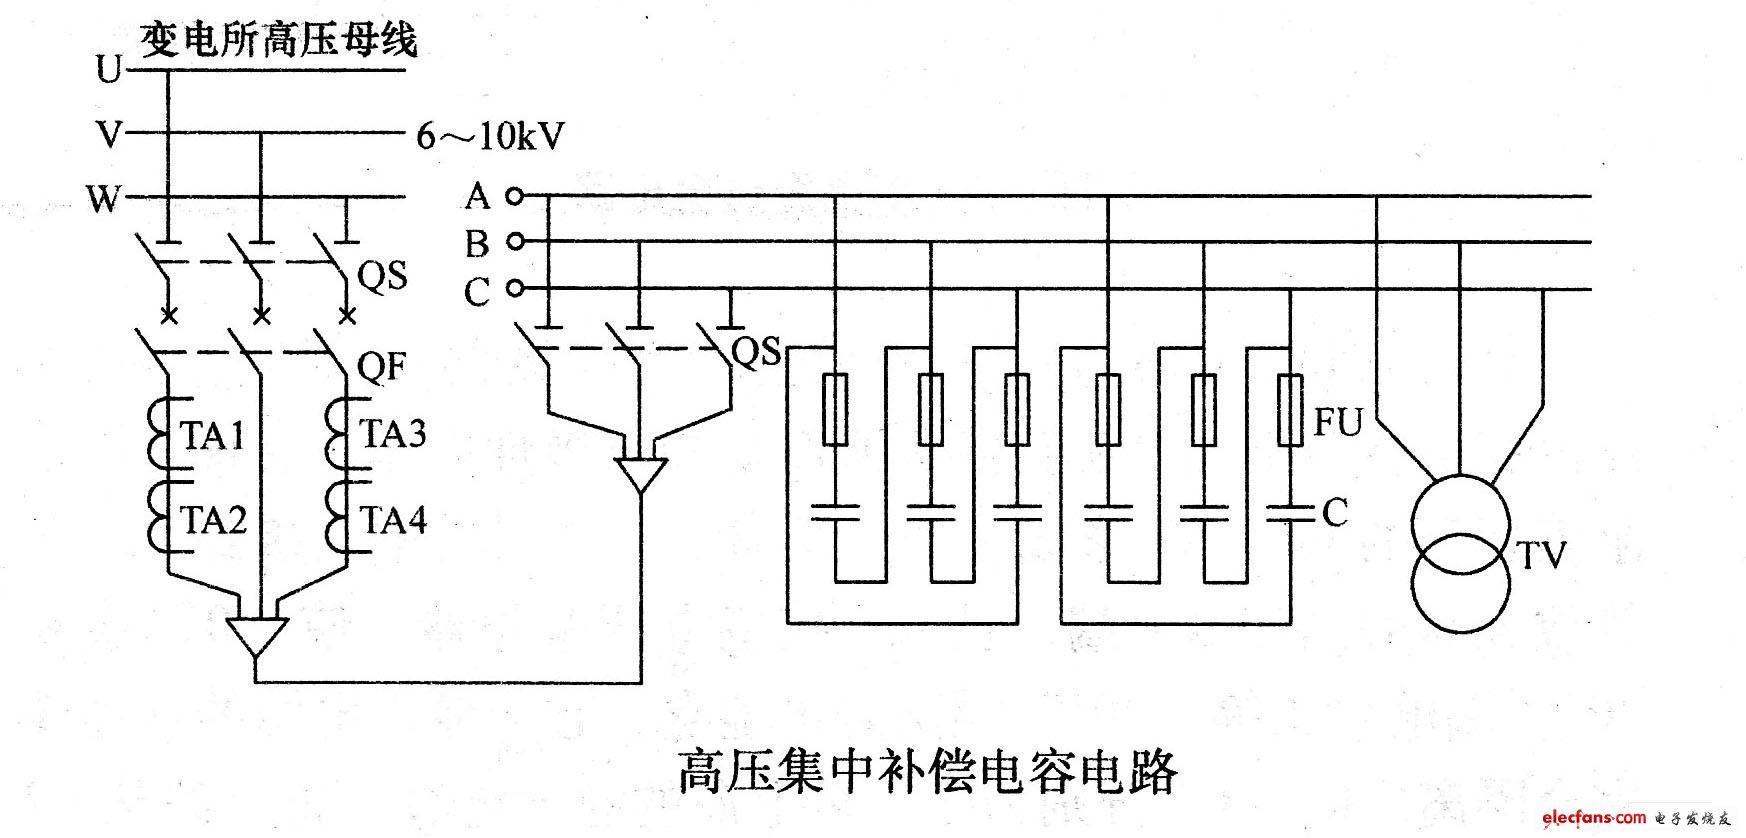 高压补偿电容电路